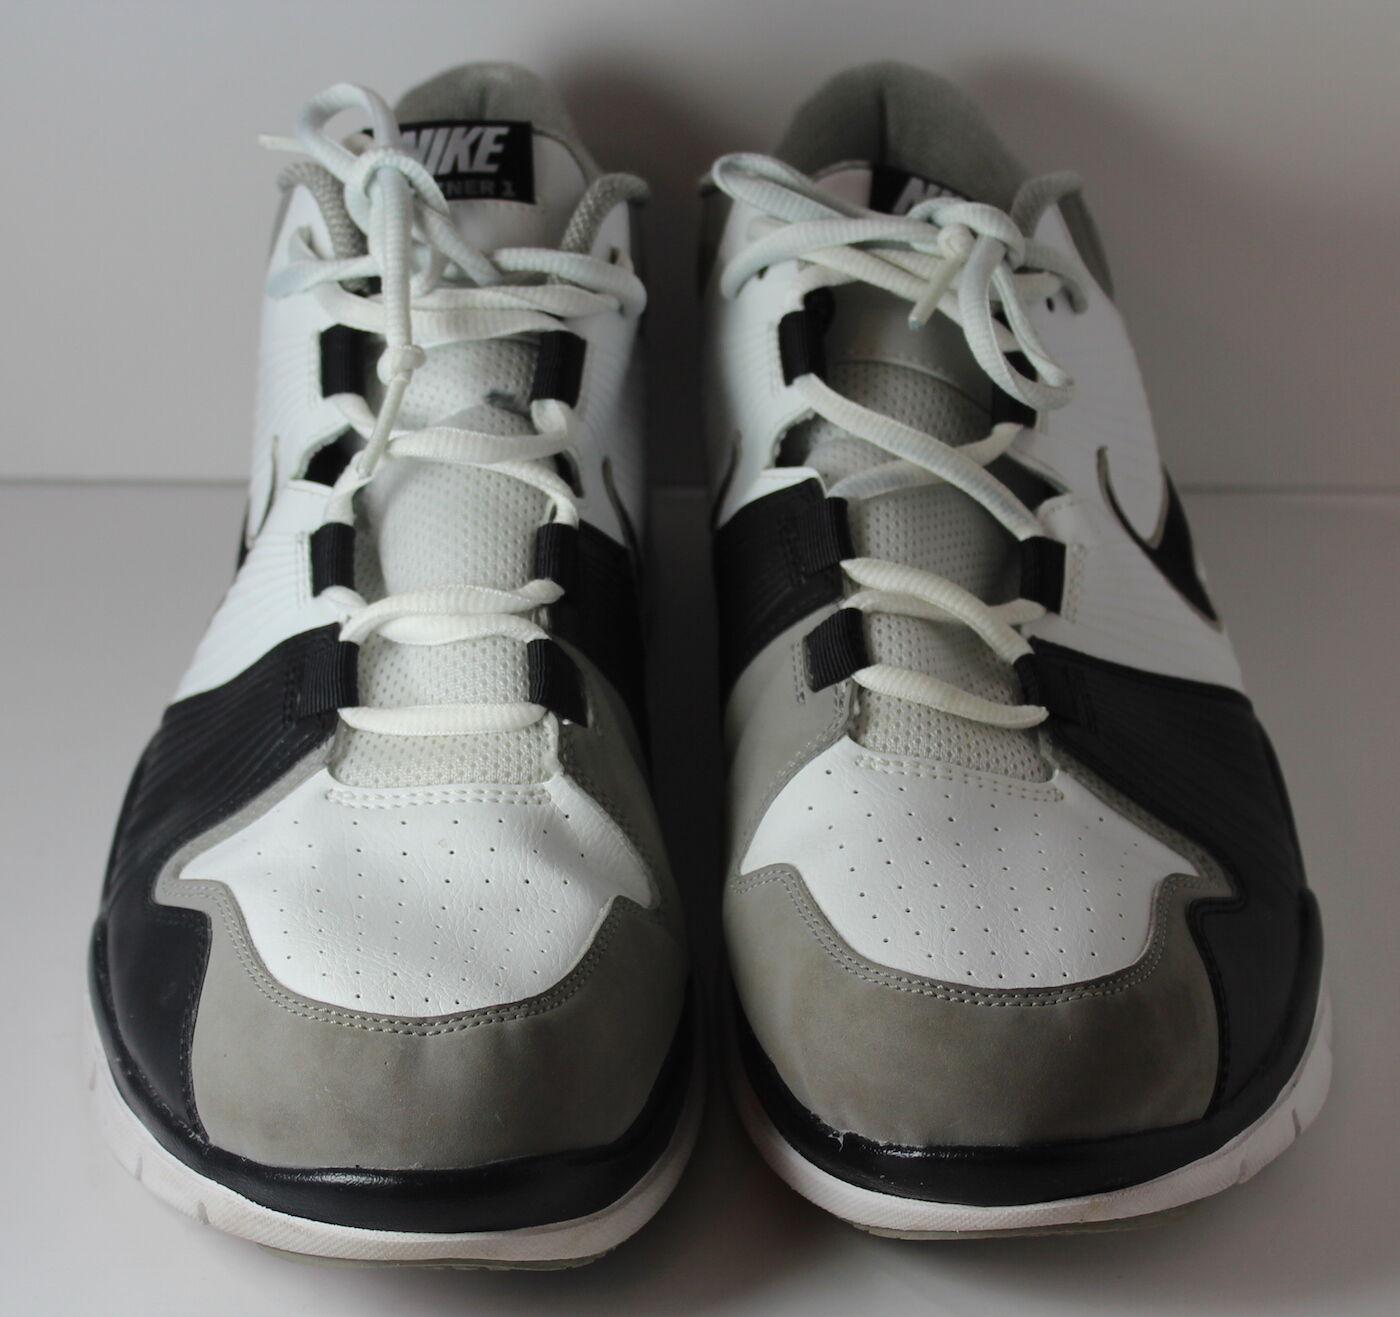 Nike trainer 1 2009 männer größe 14 grau weiße weiße weiße schwarze schuhe 129c0e